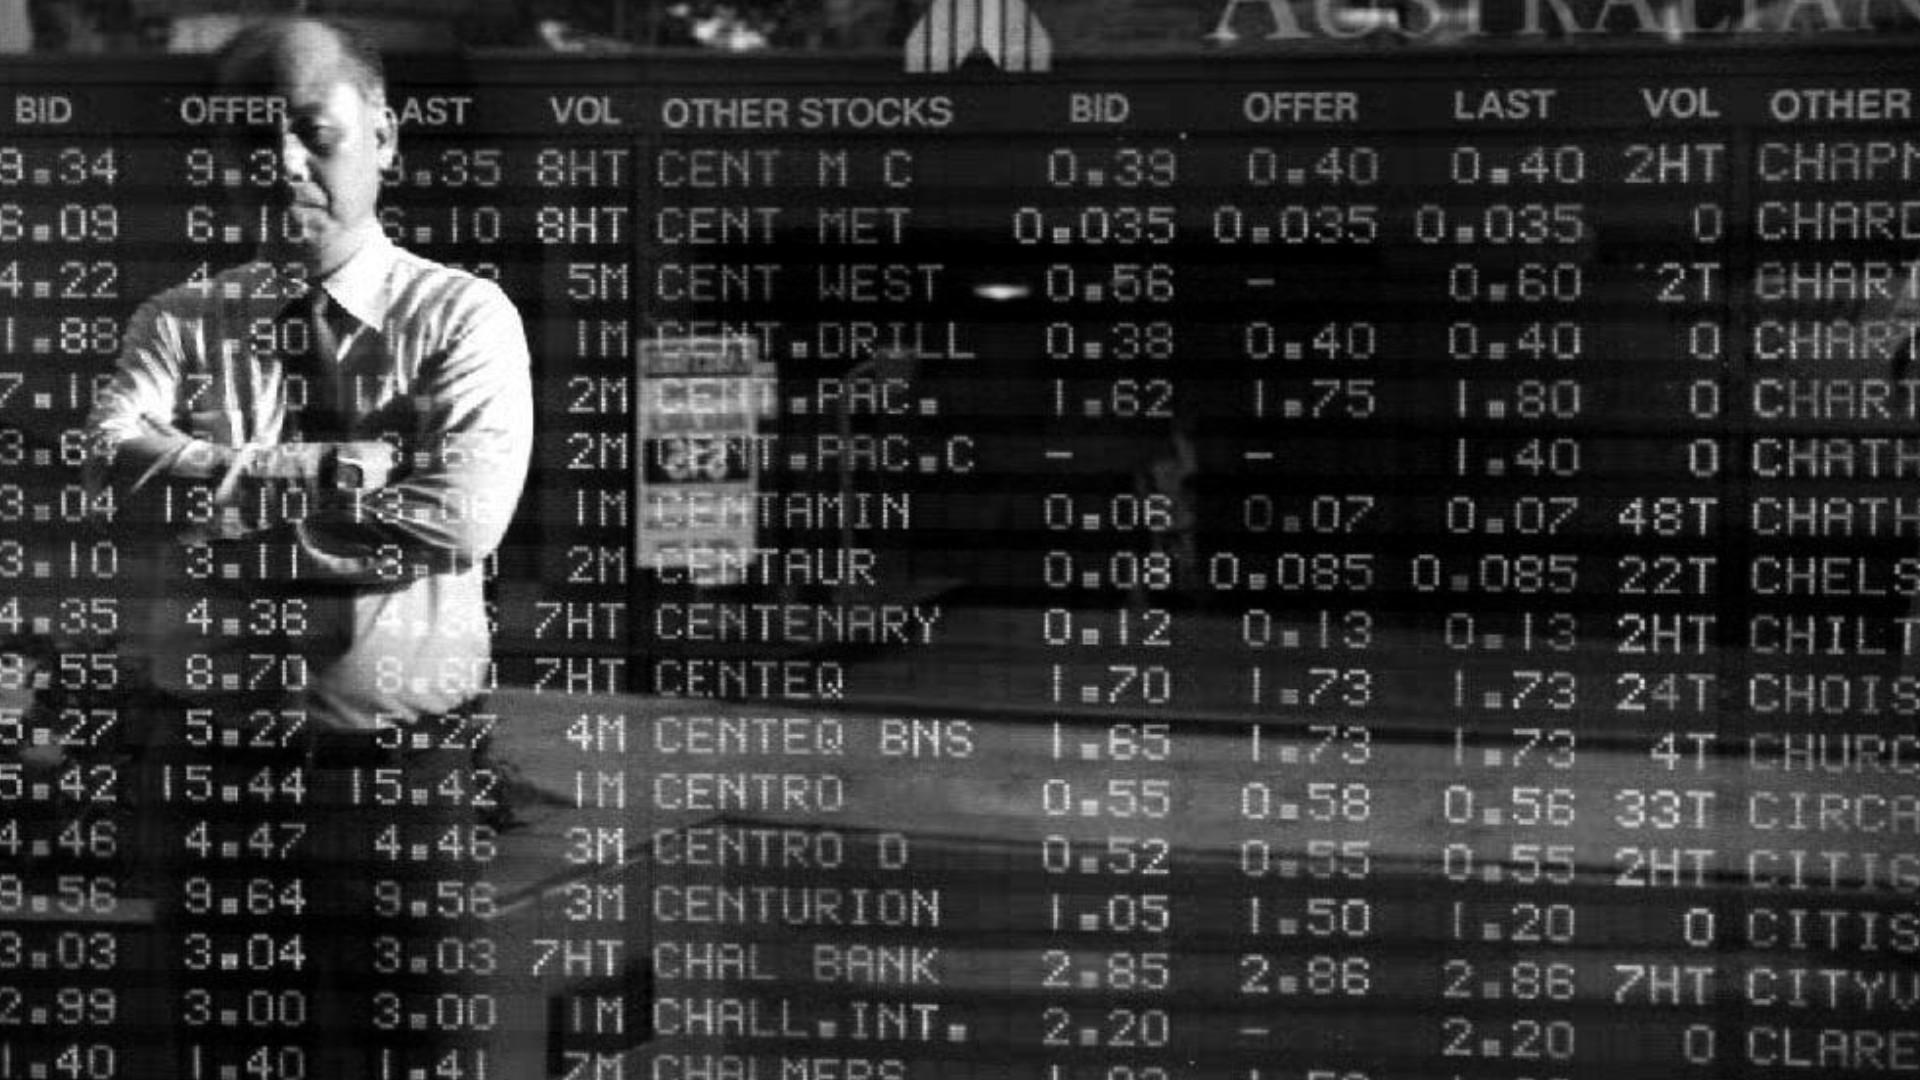 Estrategias de Trading Enric Jaimez unespeculador.com Señor